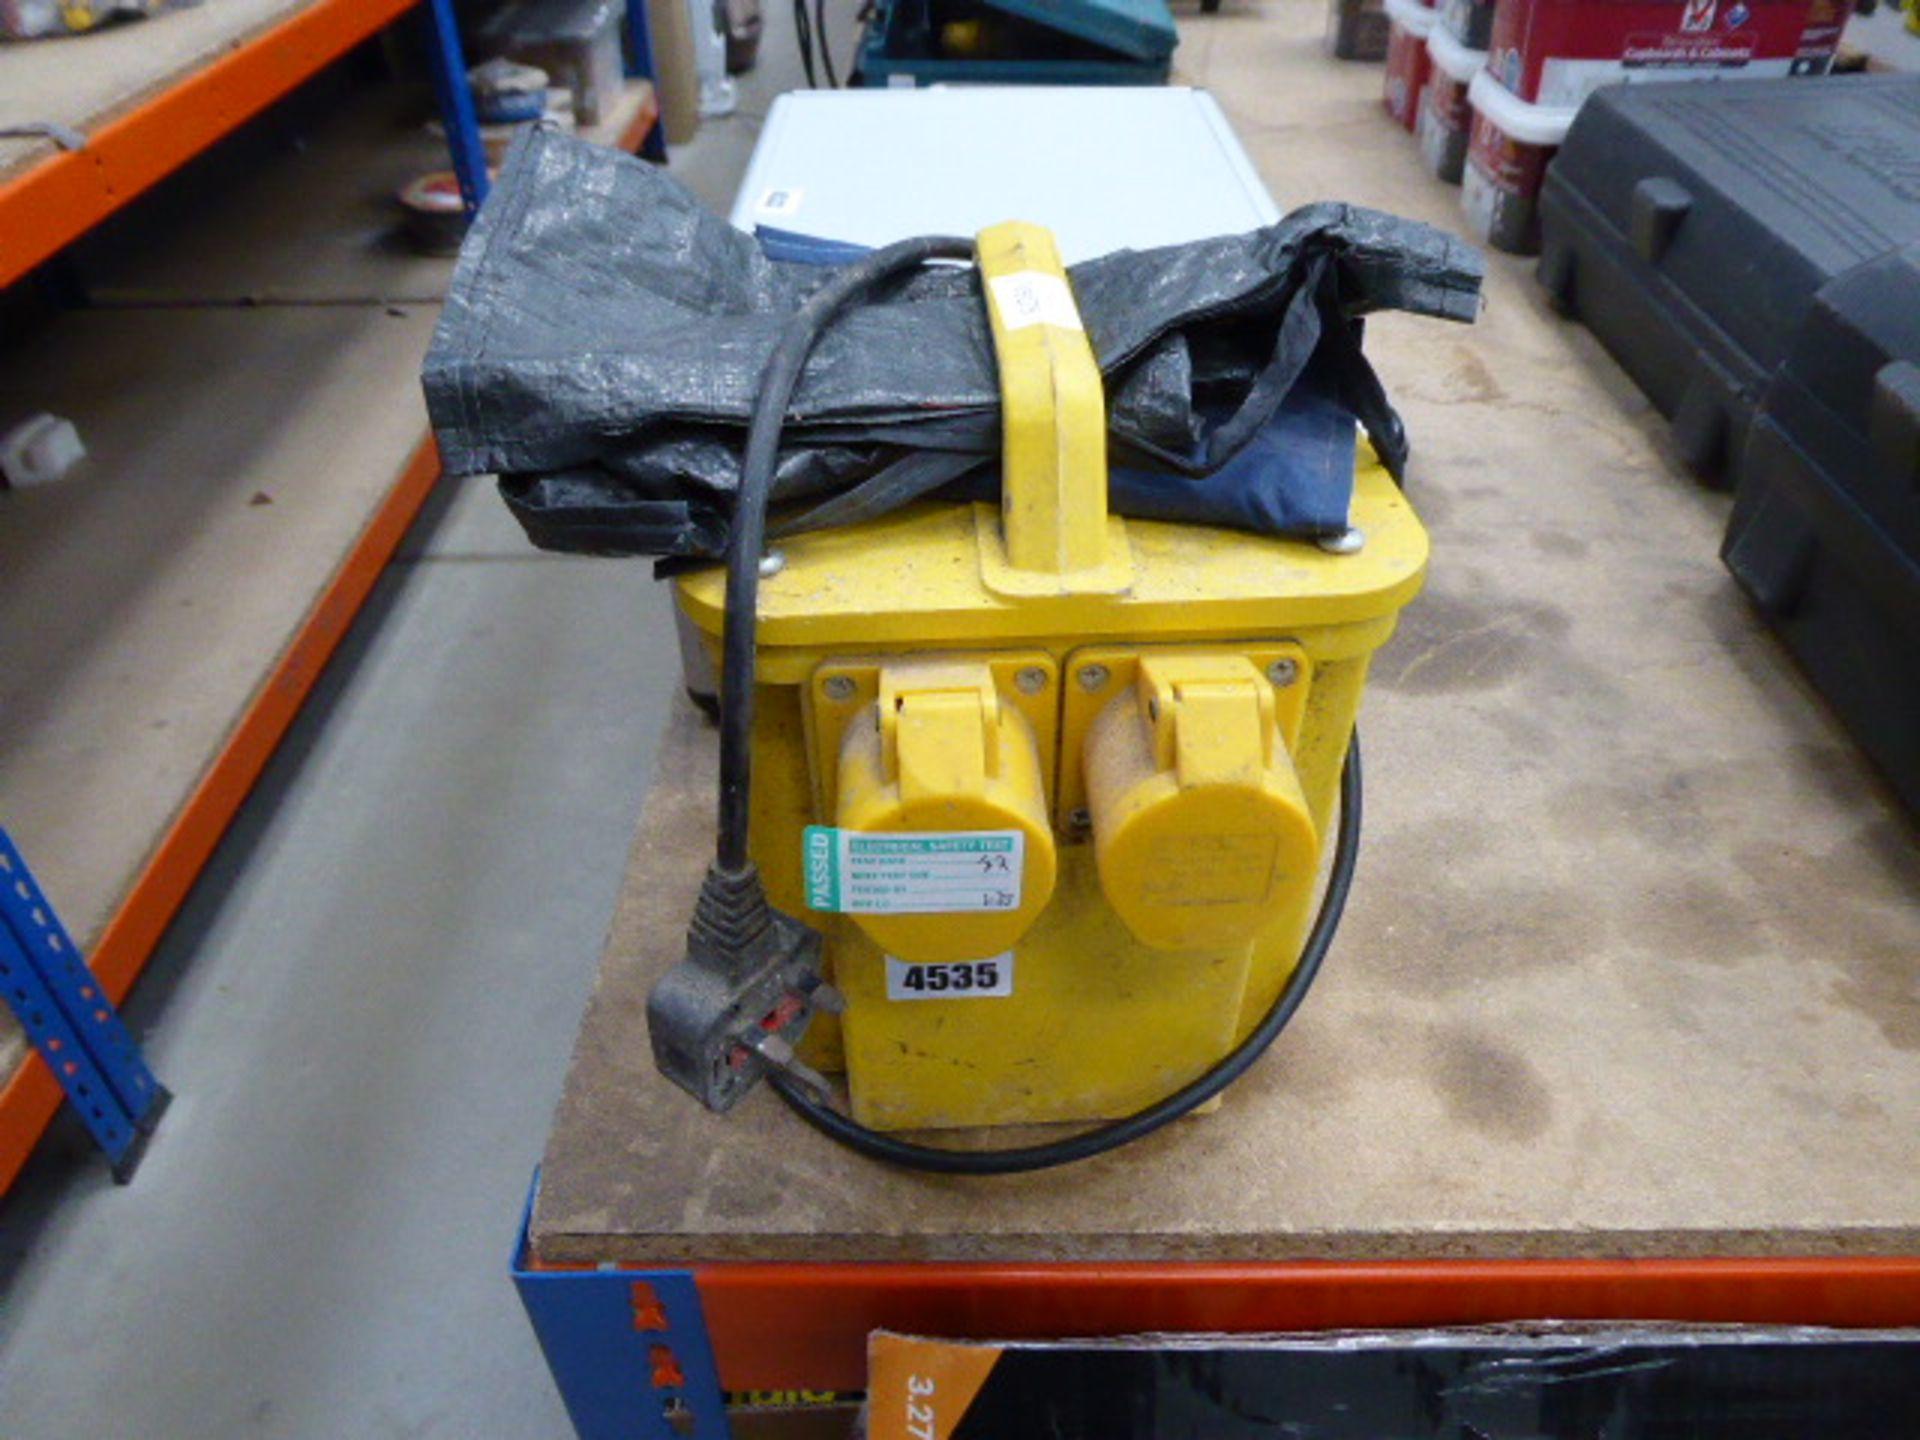 Lot 4535 - 110v transformer